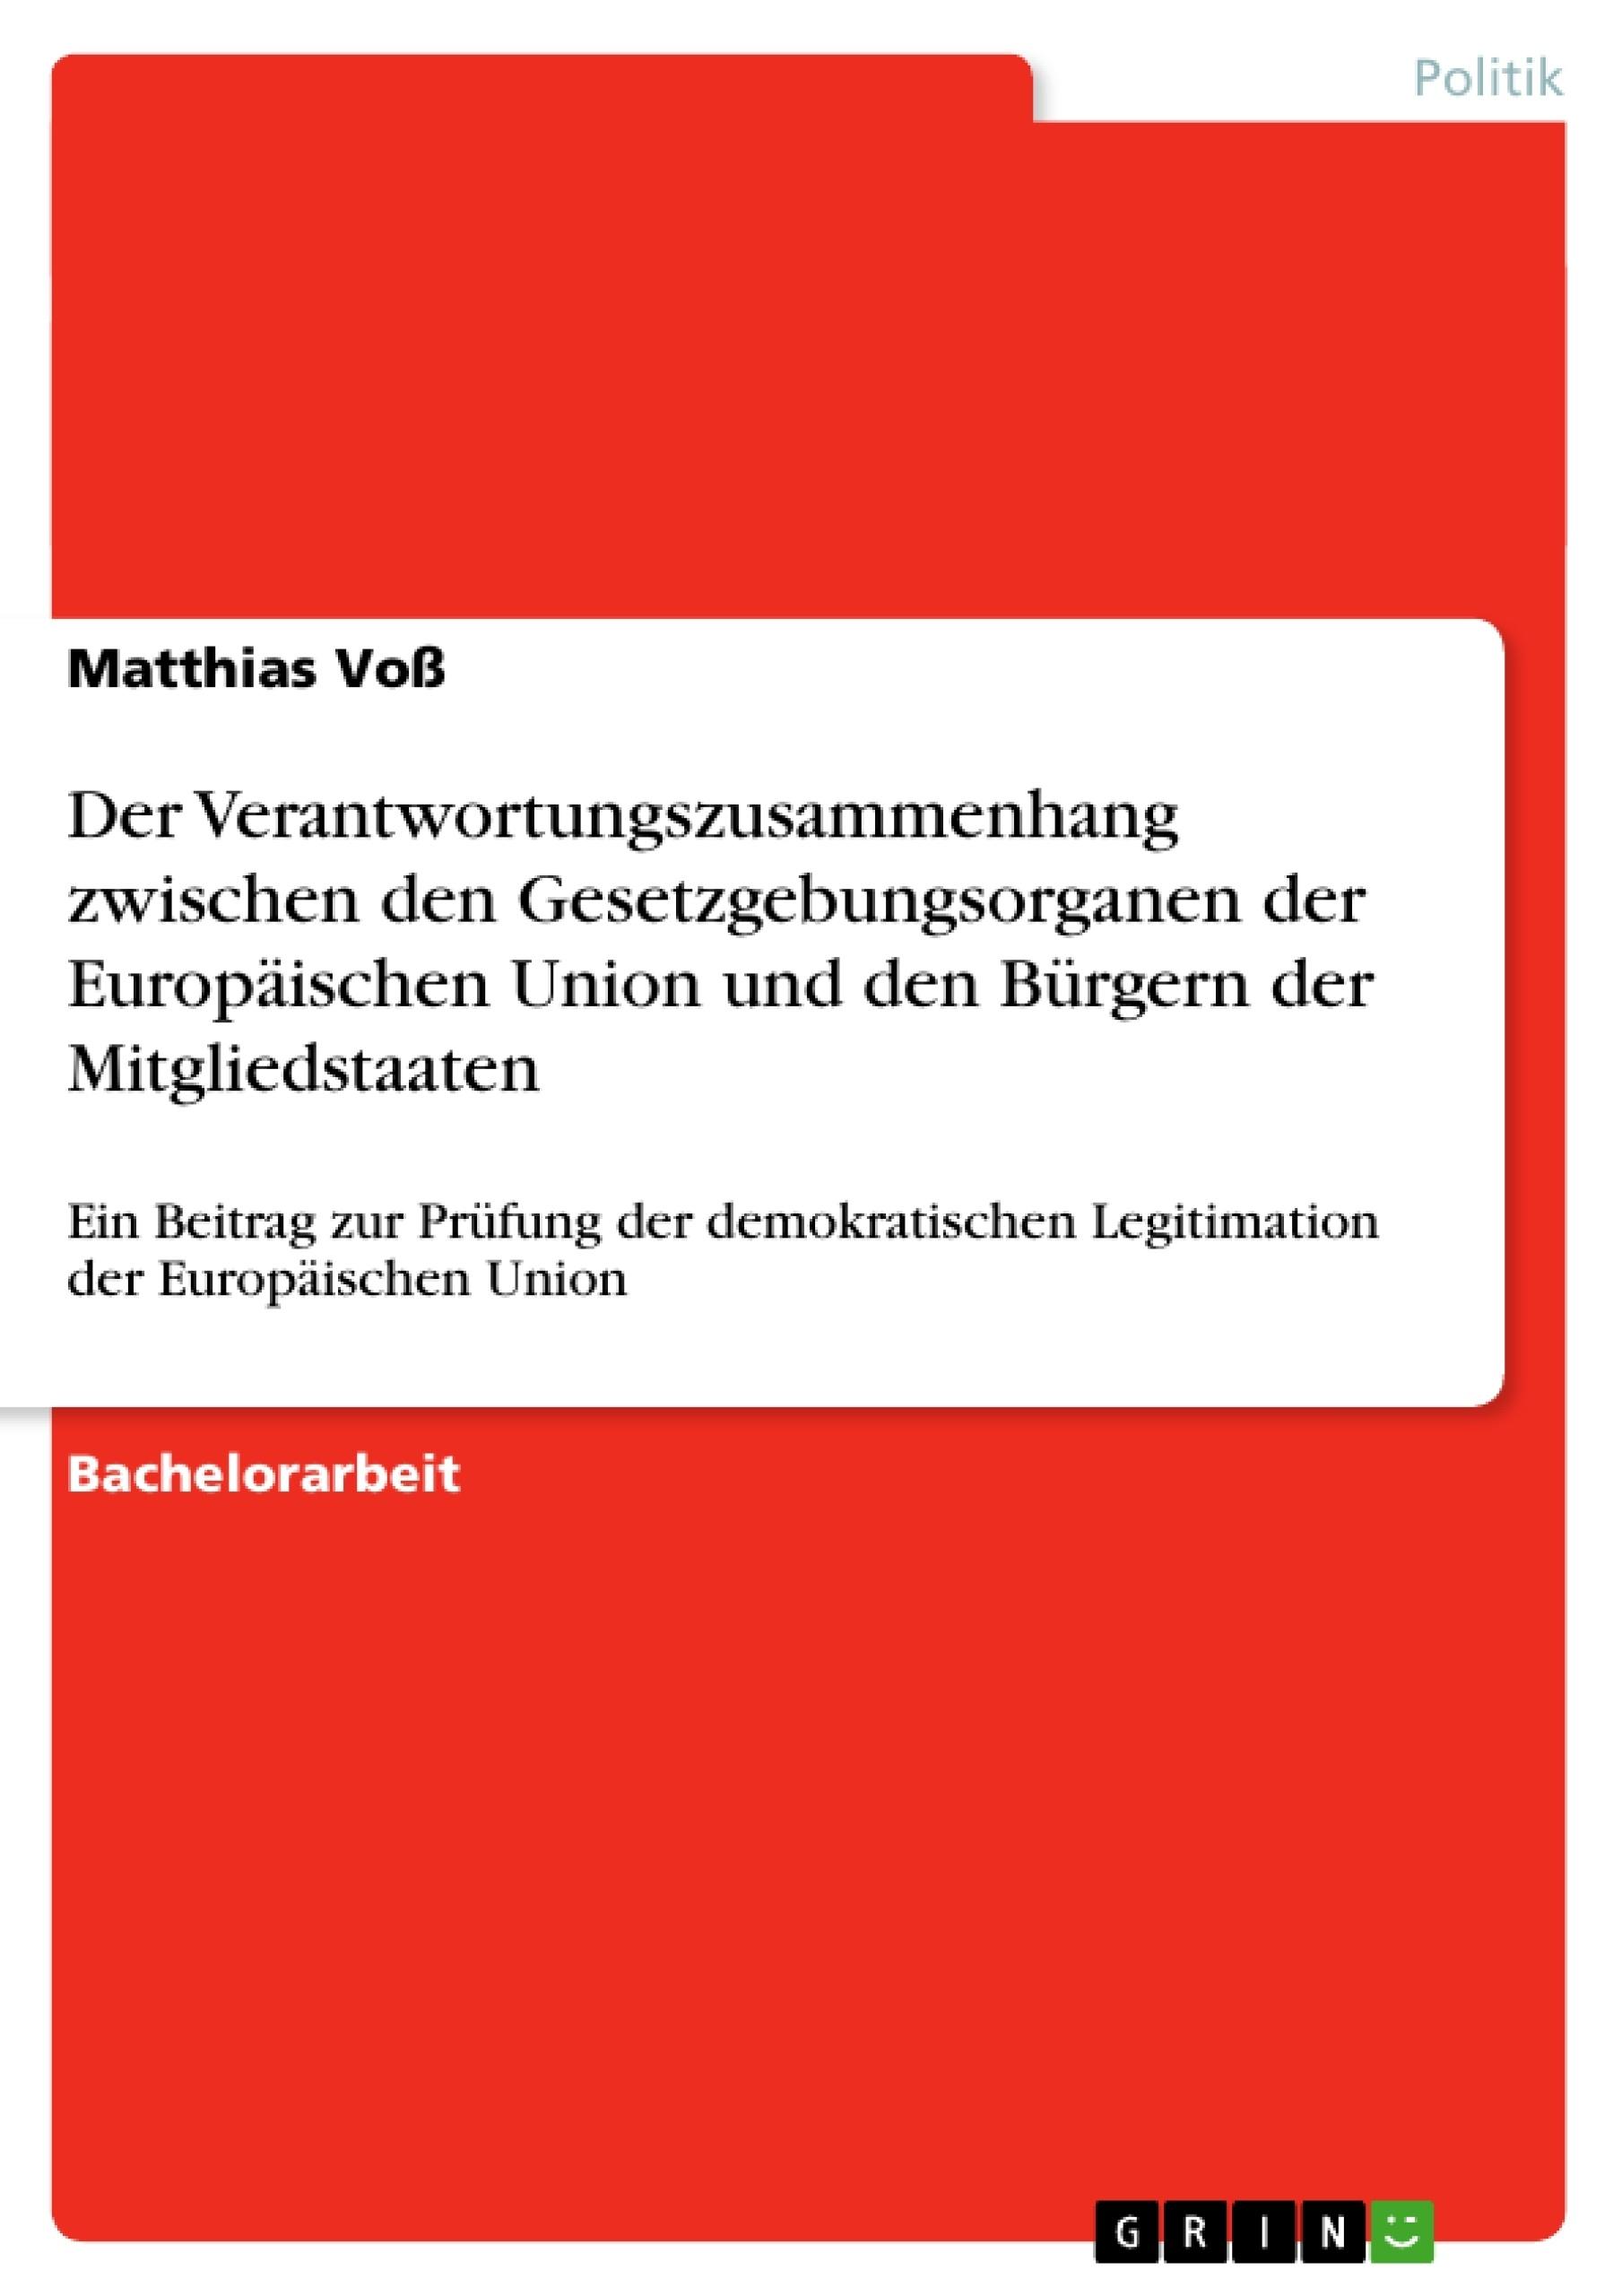 Titel: Der Verantwortungszusammenhang zwischen den  Gesetzgebungsorganen der Europäischen Union und den  Bürgern der Mitgliedstaaten